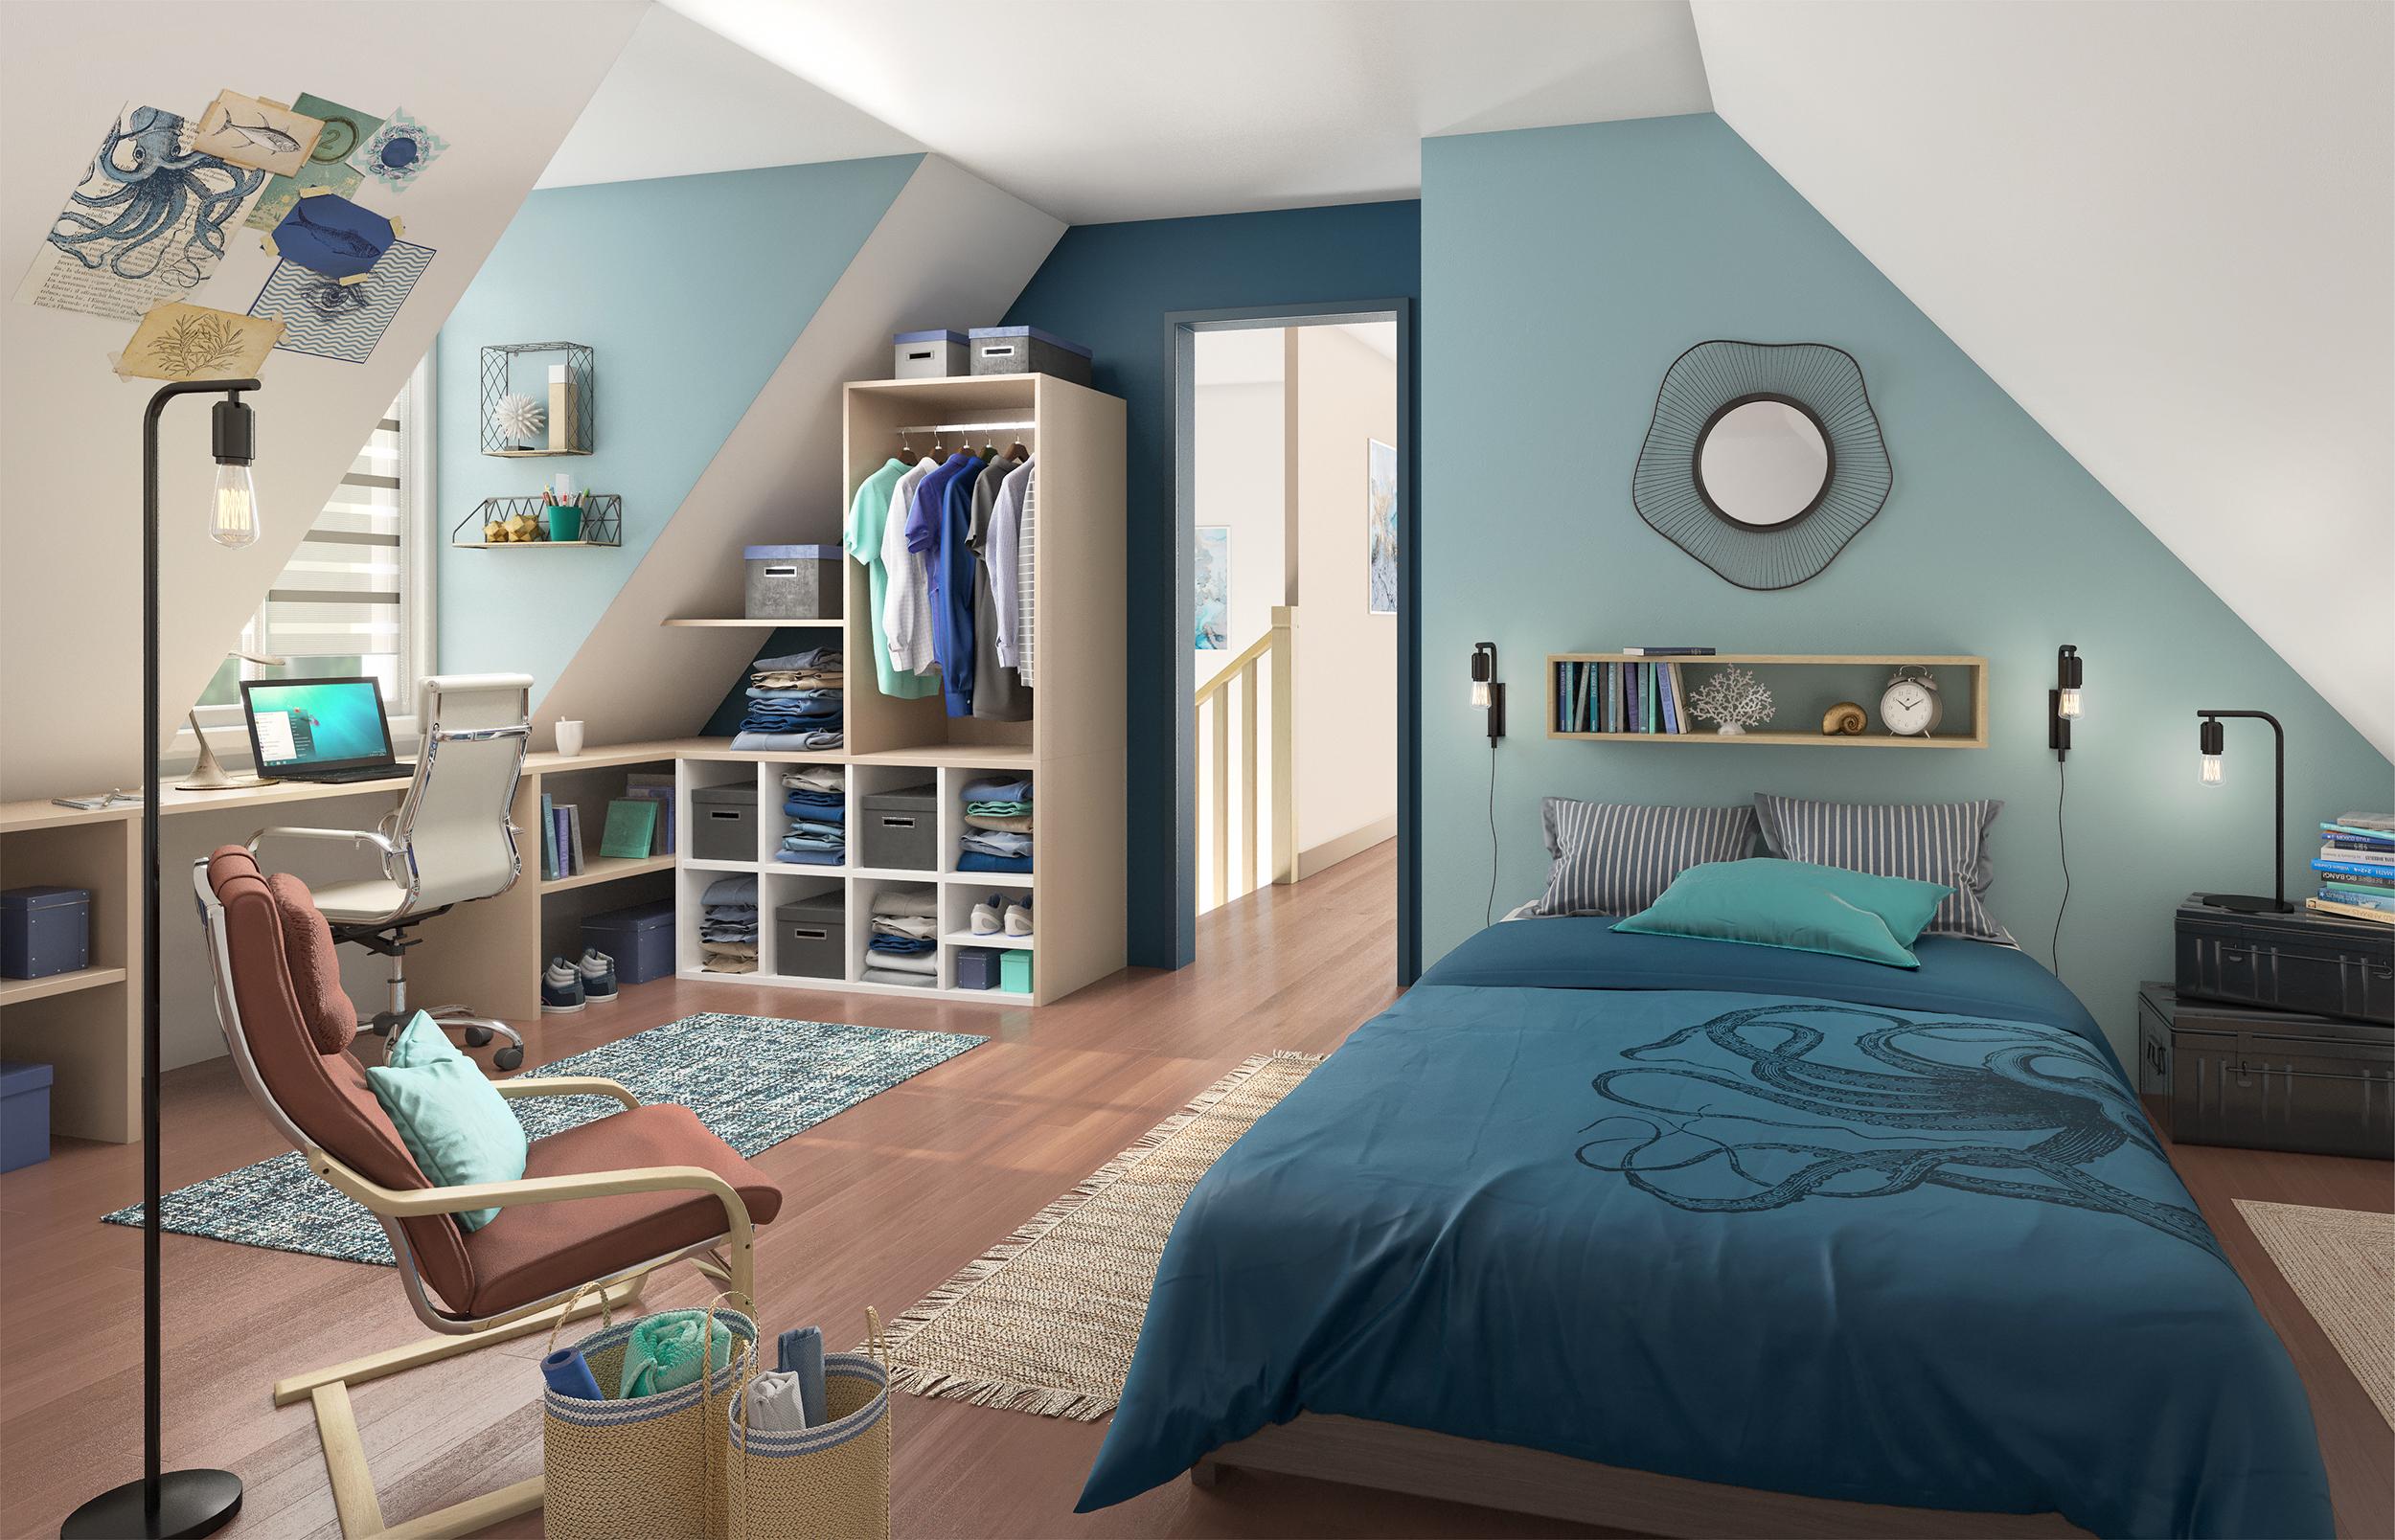 Production d'images 3D pour l'aménagement d'une chambre d'enfant